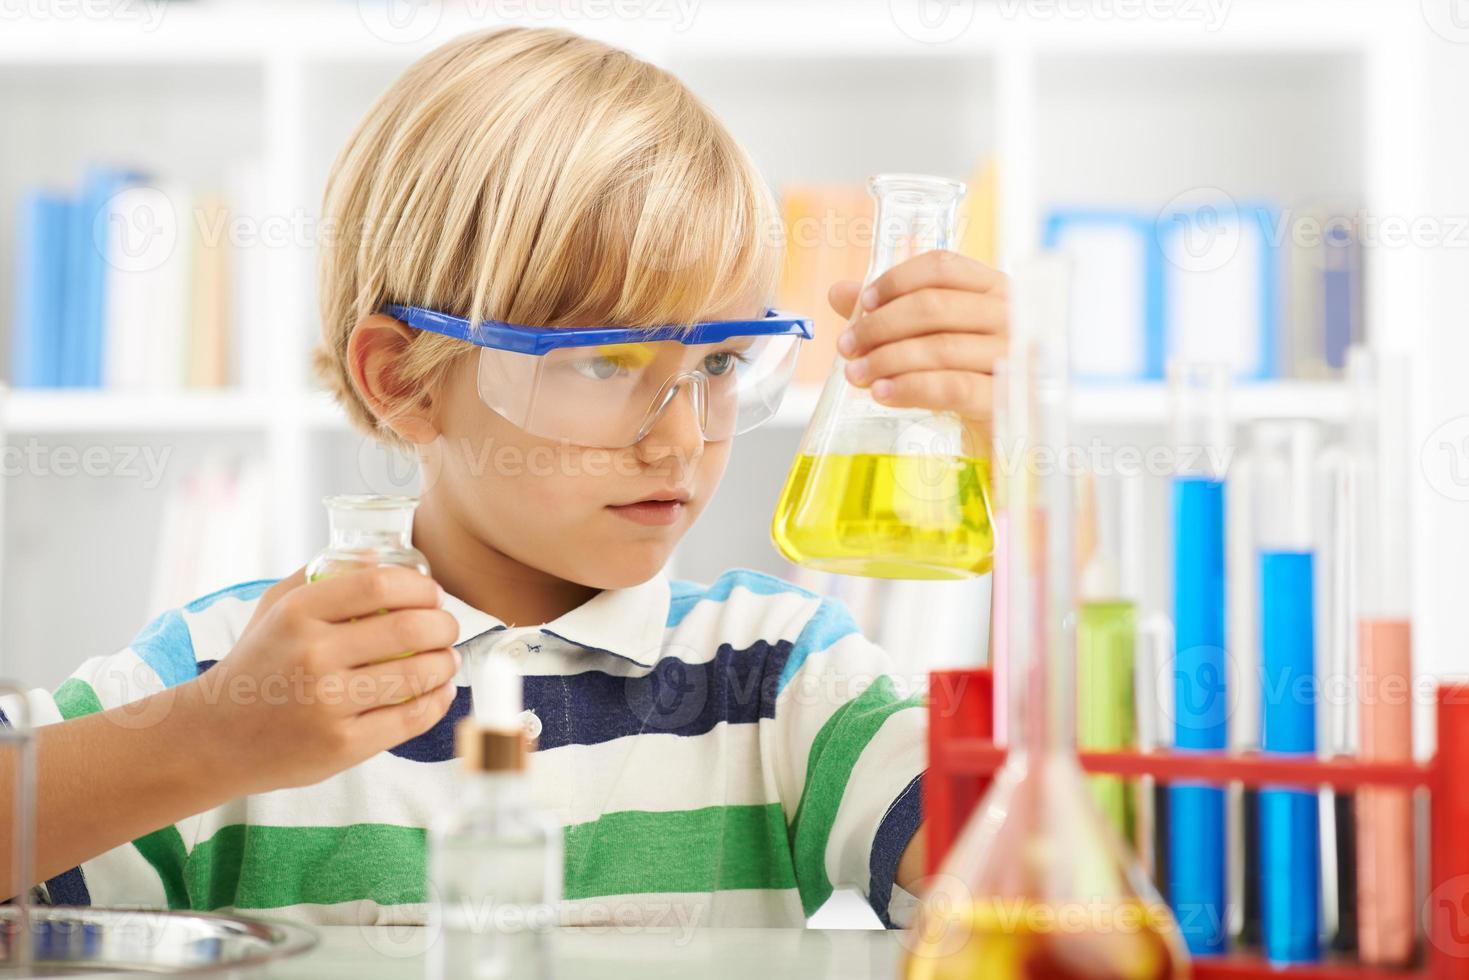 joven químico foto